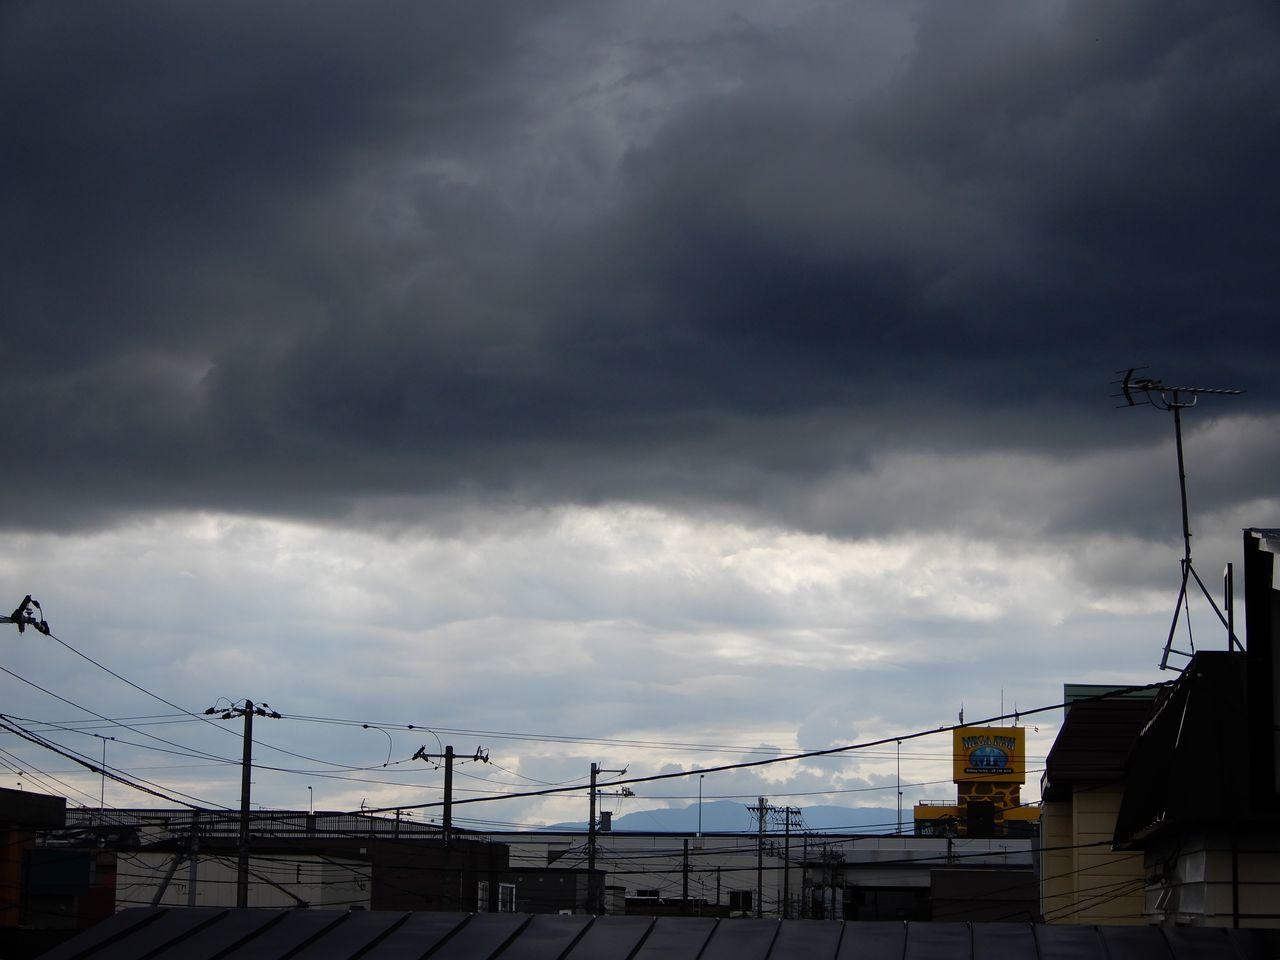 天気不安定な日曜日、午後はさとらんど_c0025115_22200341.jpg